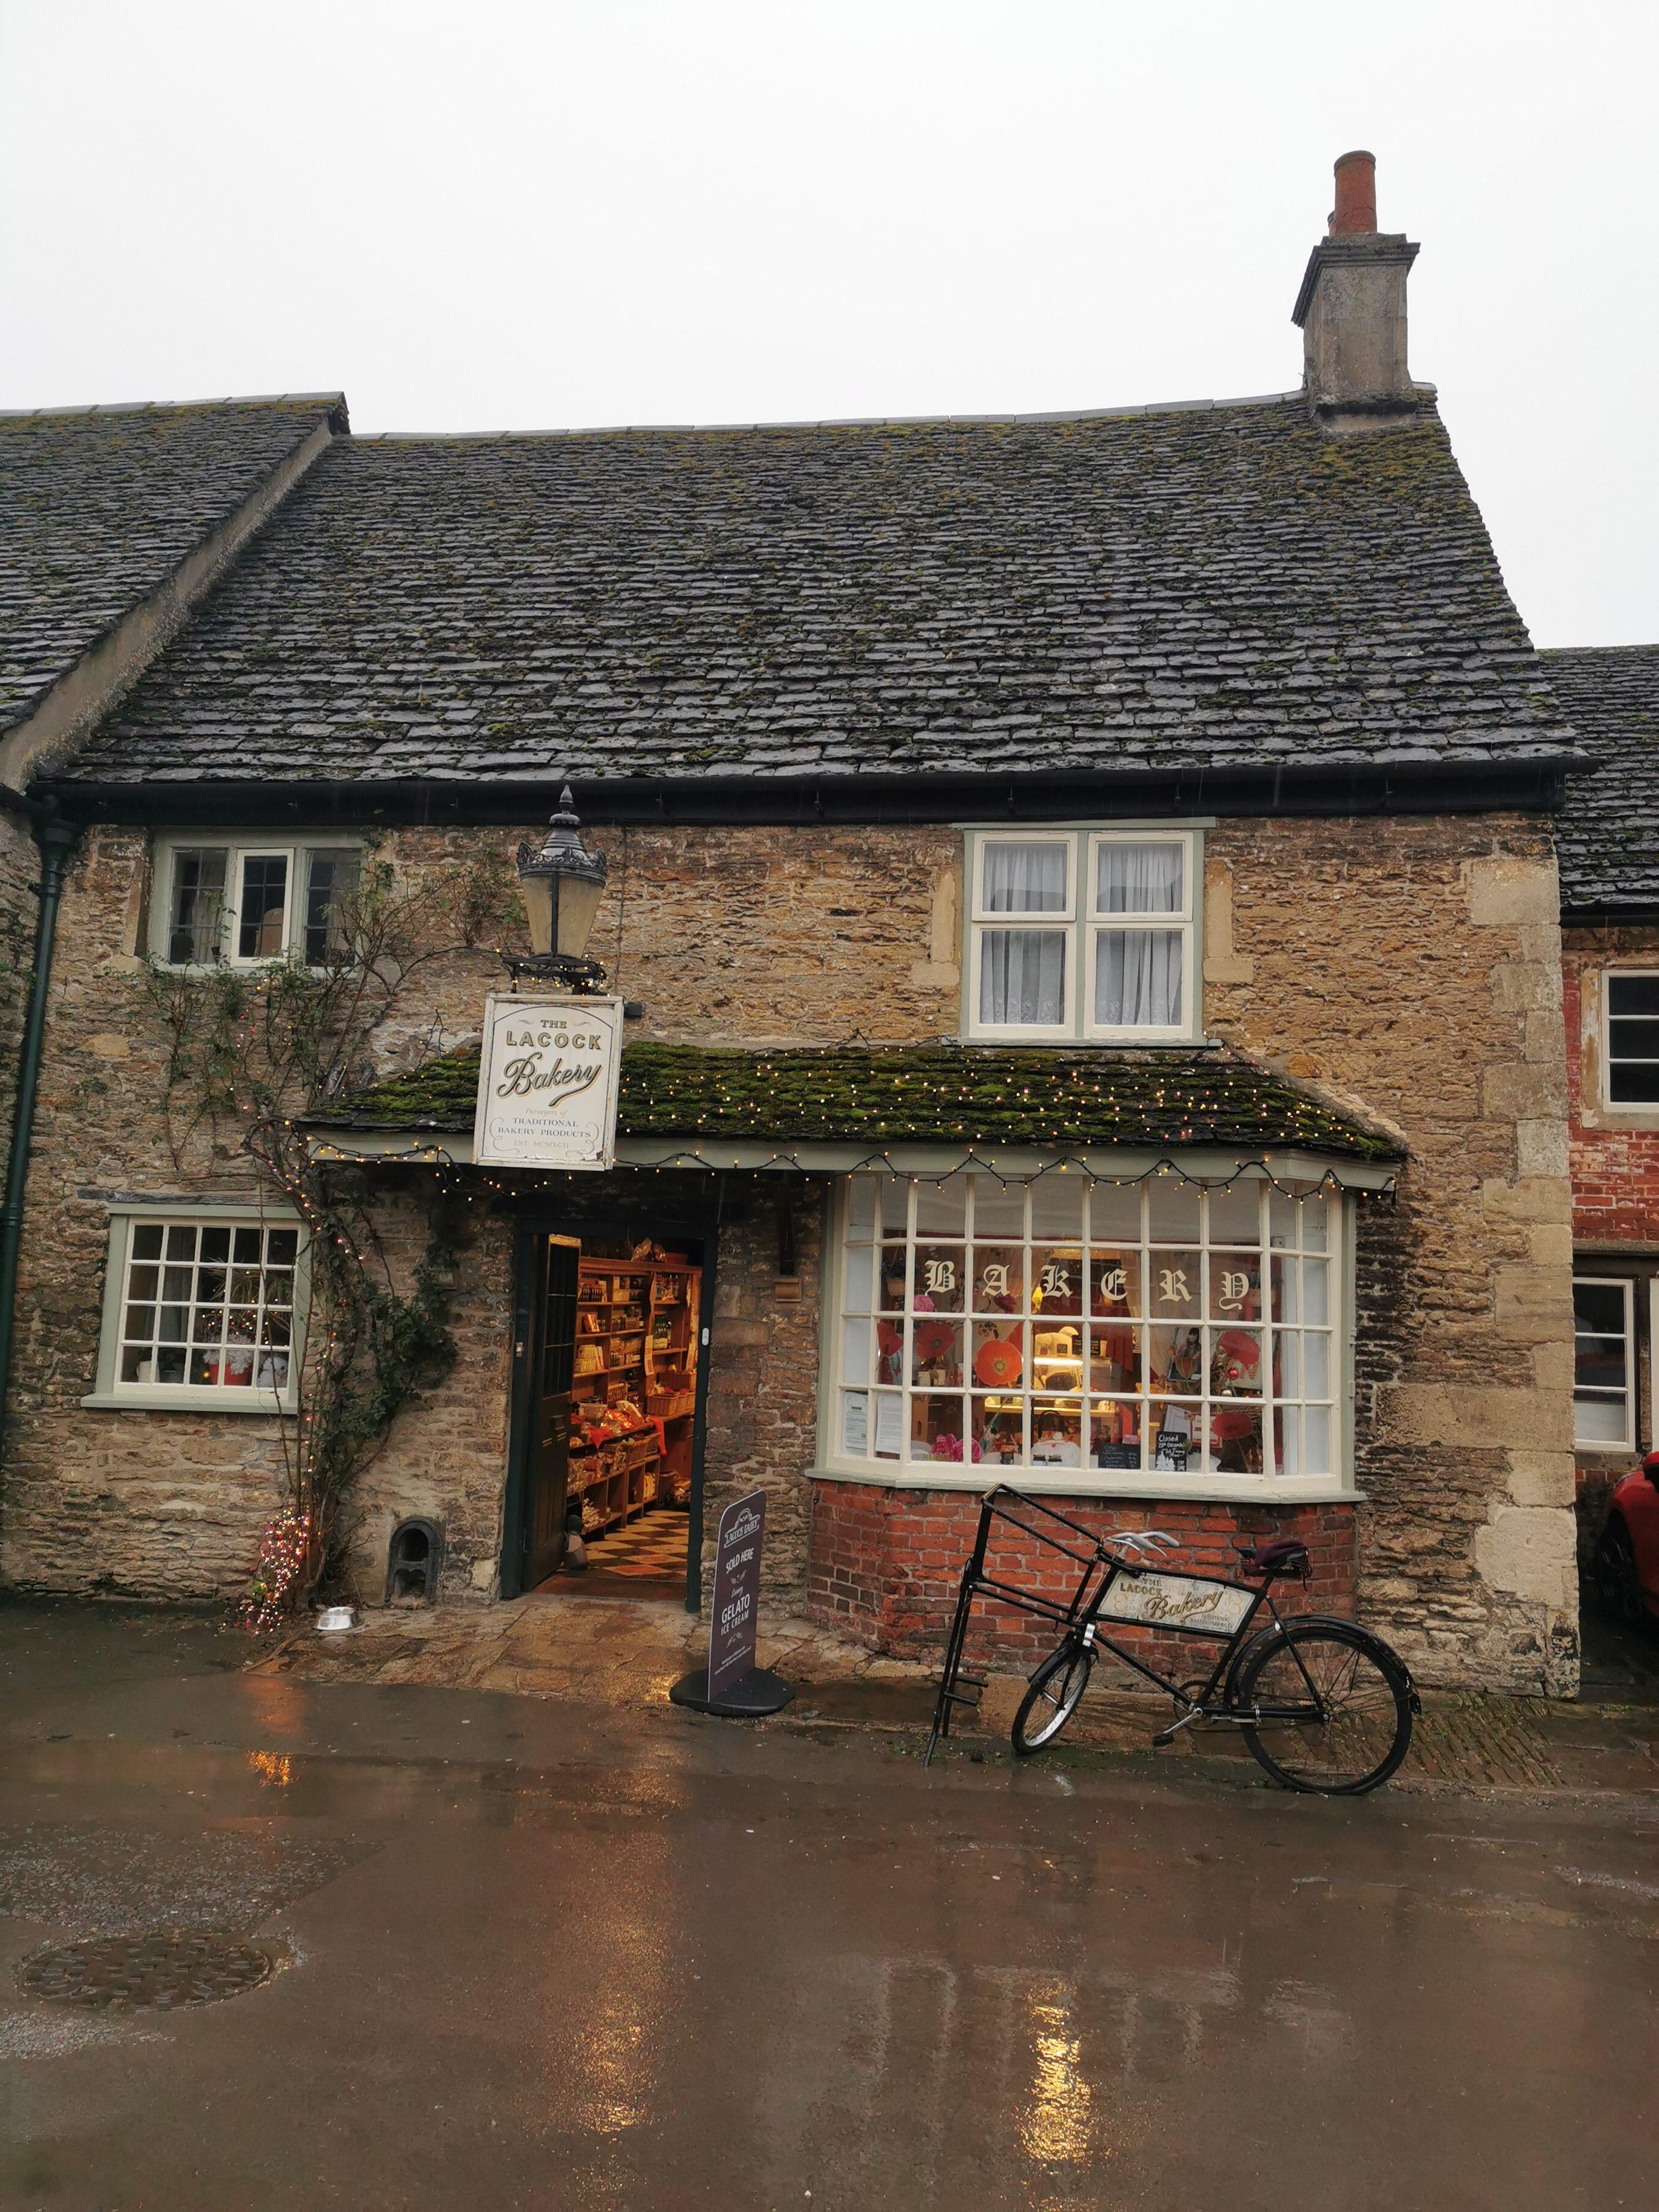 Shop in Lacock